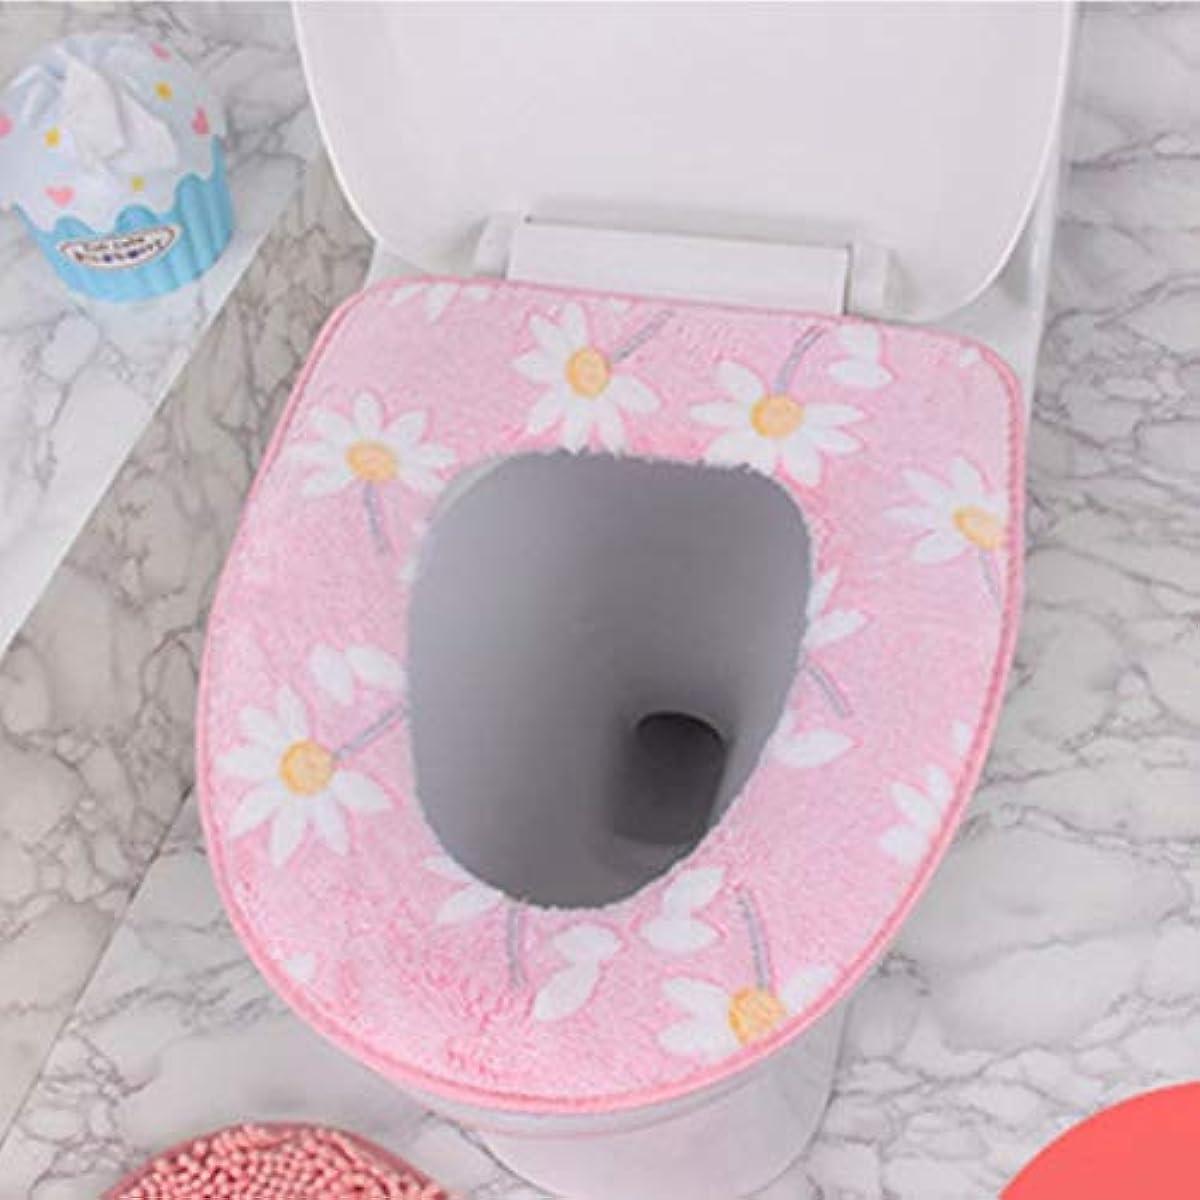 プロトタイプサイズぼかすSwiftgood 便座カバー、柔らかく厚い暖かい浴室便座クッション、伸縮性洗える